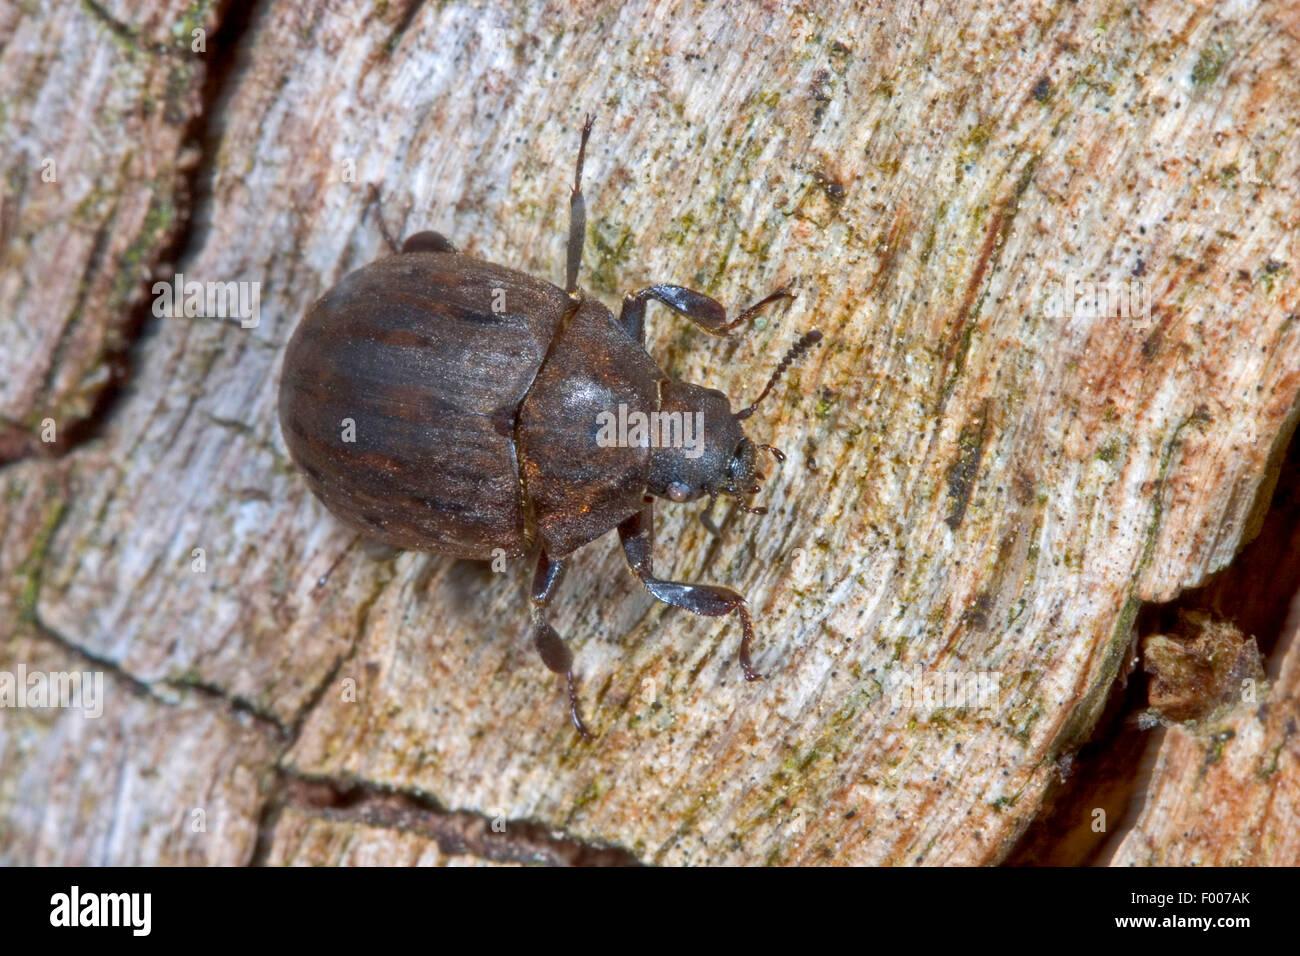 Pille-Käfer (Byrrhus Pilula), sitzen auf Holz, Deutschland Stockbild